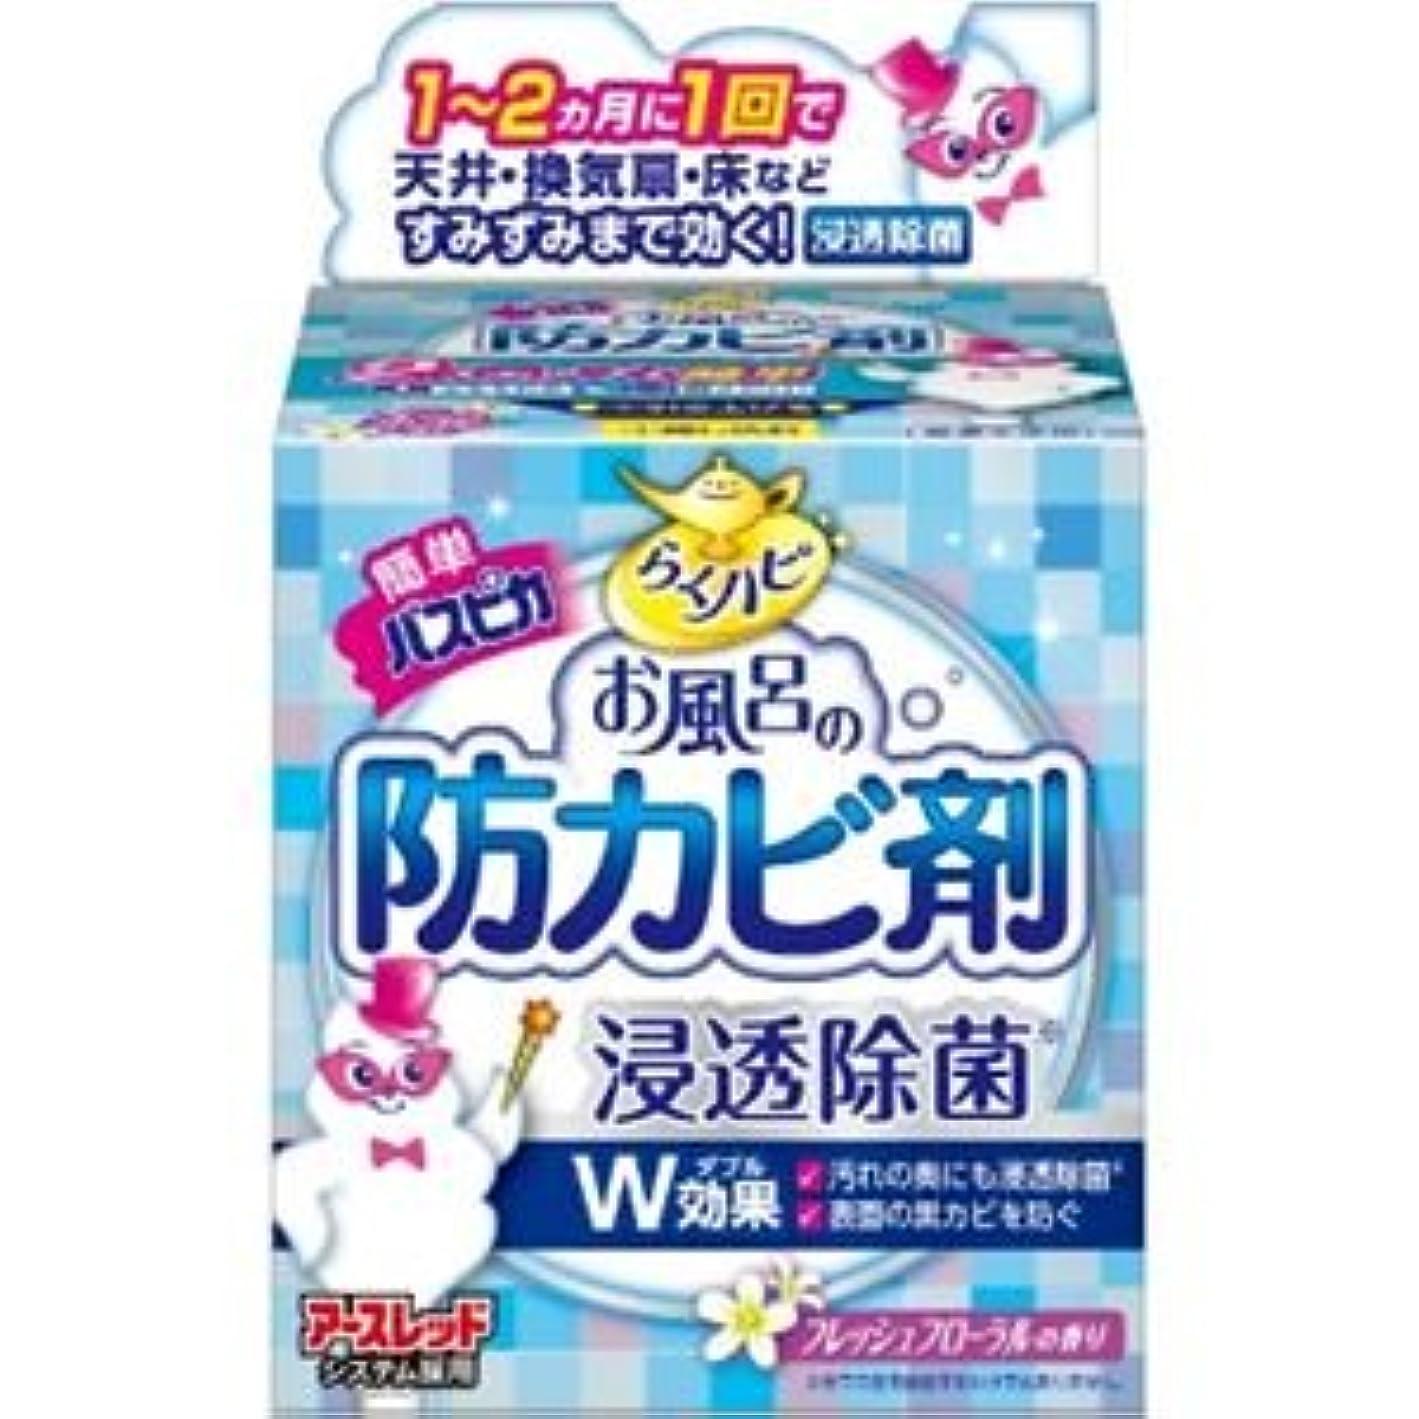 規制する地殻駅(まとめ)アース製薬 らくハピお風呂の防カビ剤フローラルの香り 【×3点セット】